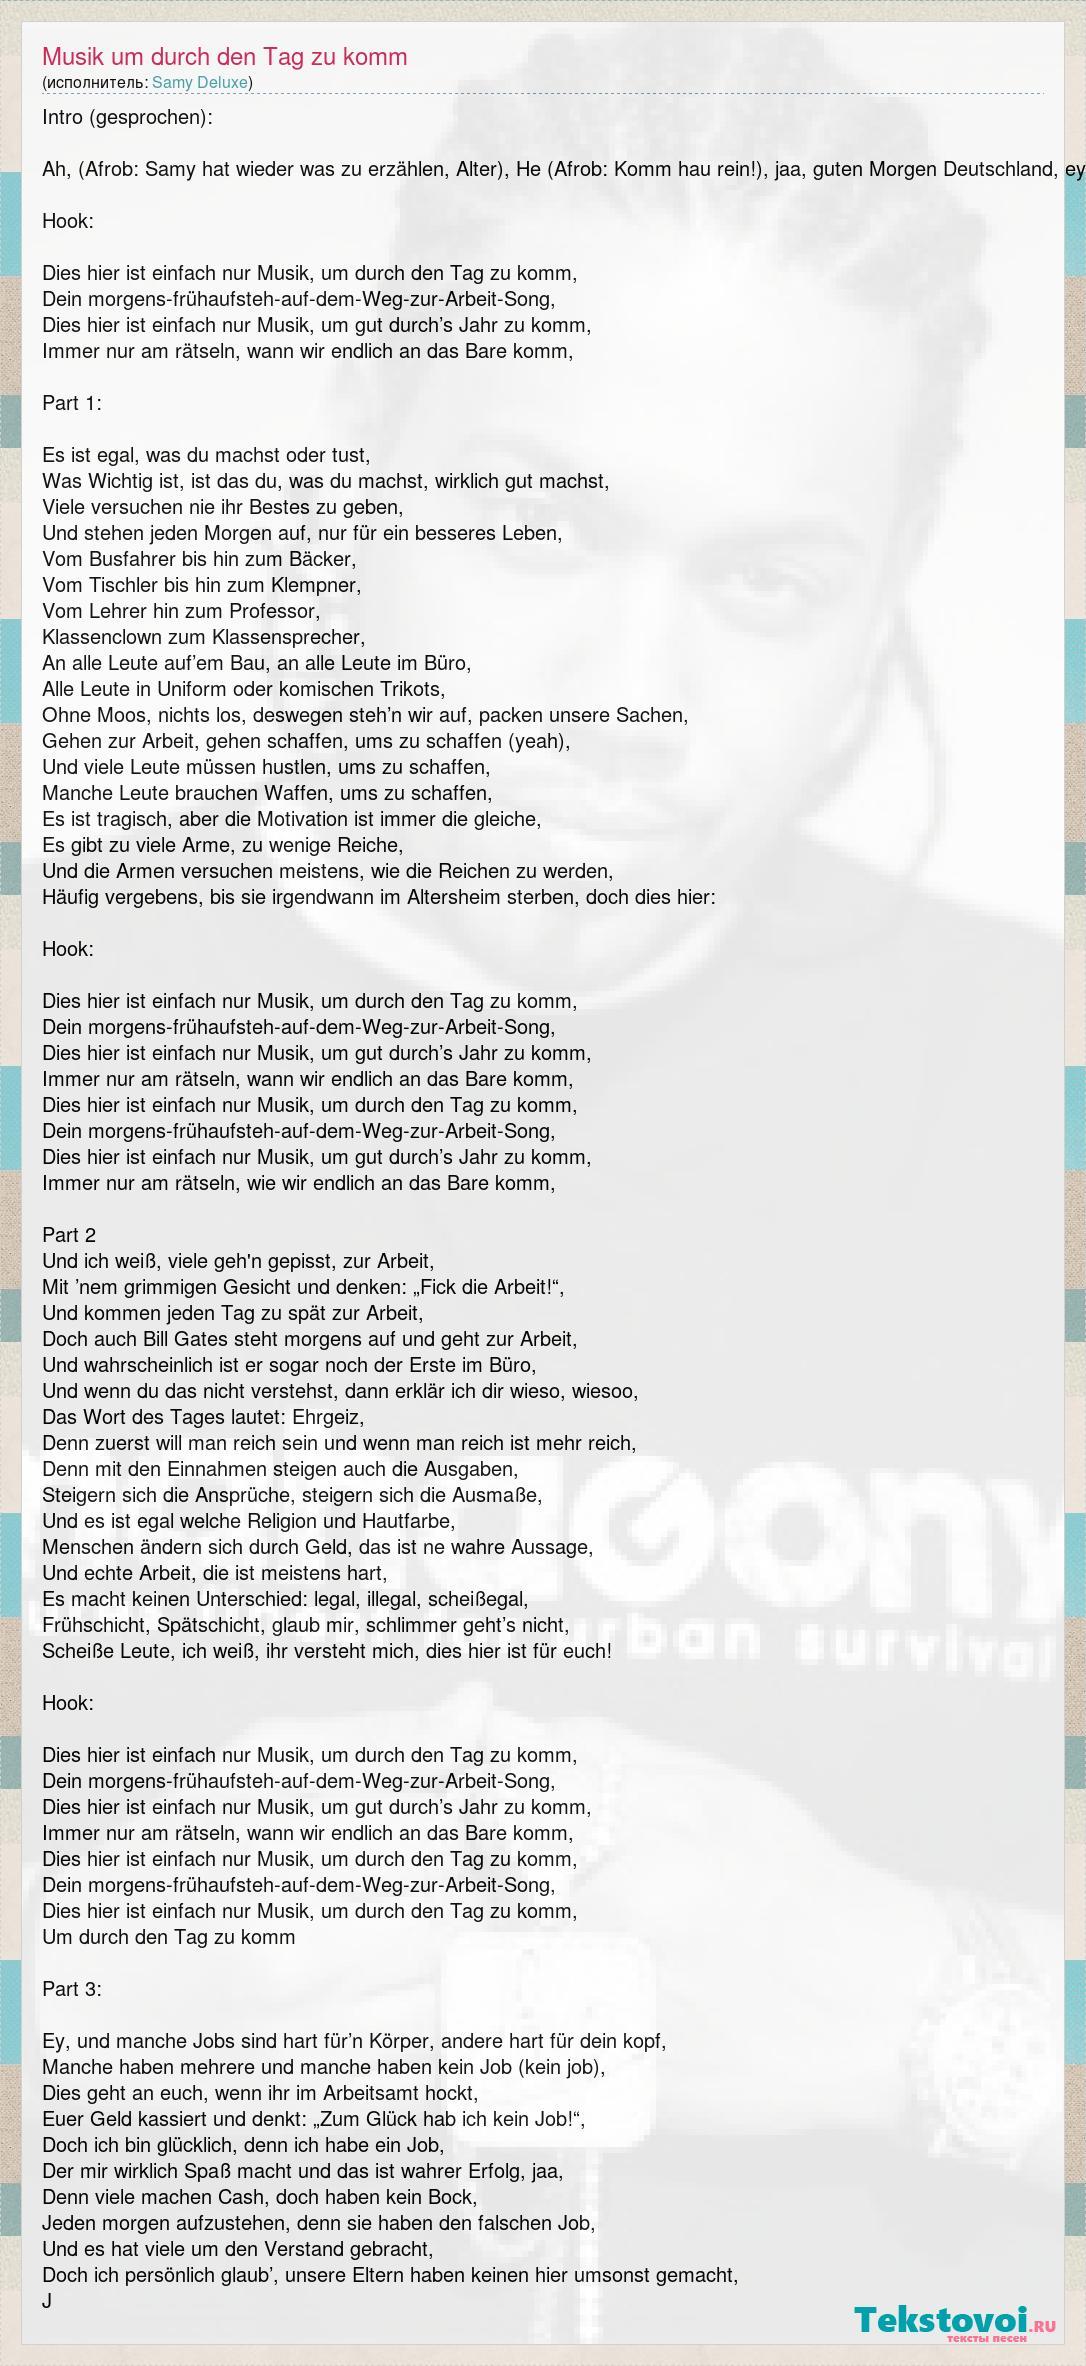 Samy Deluxe Musik Um Durch Den Tag Zu Komm слова песни